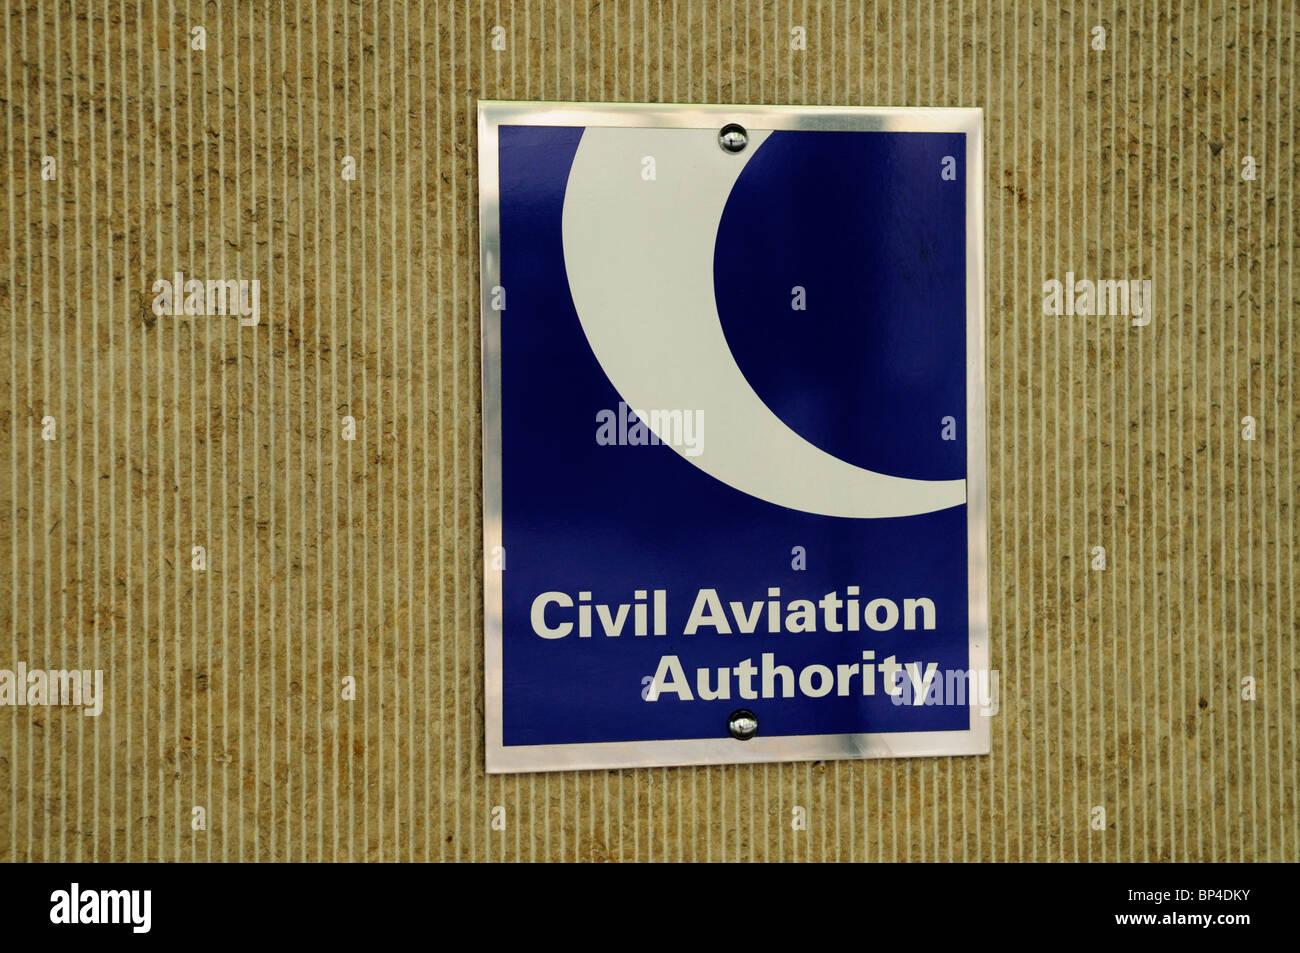 L'autorité de l'Aviation civile plaque signe , , Londres, Angleterre, RU Photo Stock